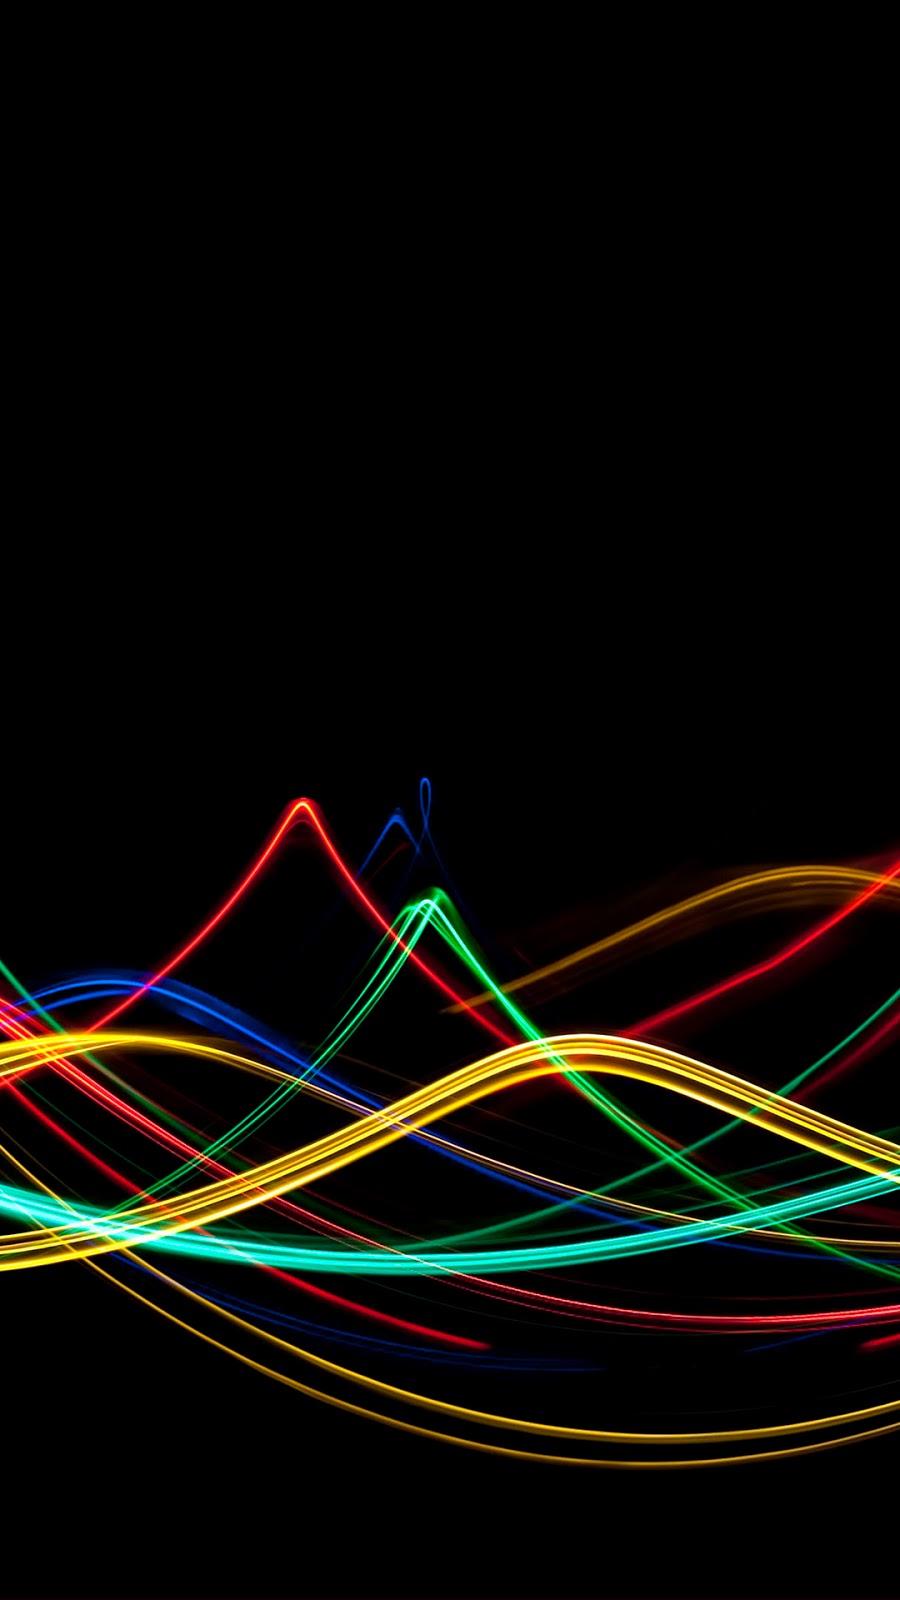 Neon Light Iphone Wallpaper - Abstract Hd Wallpaper 4k - HD Wallpaper